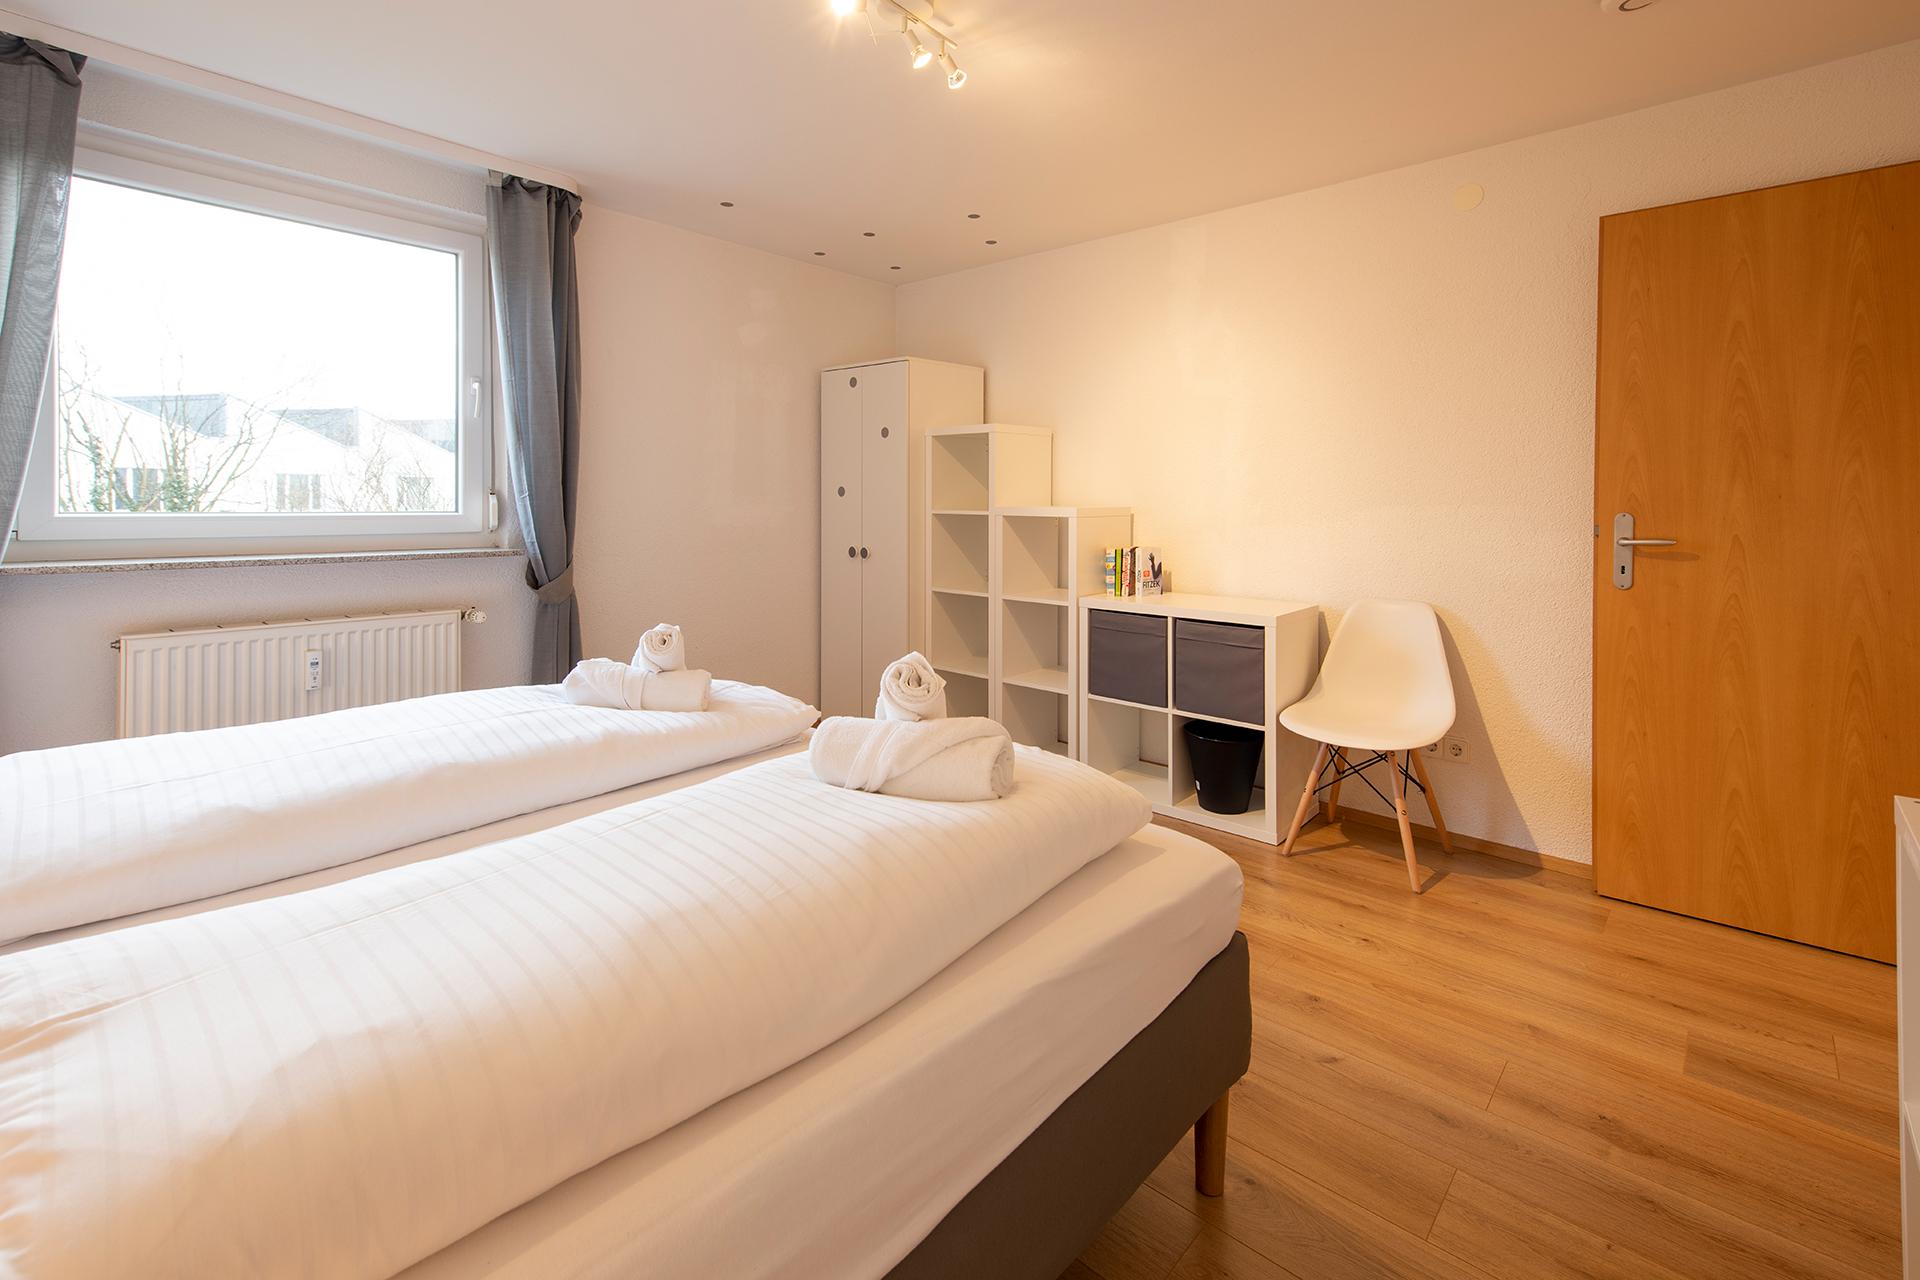 Ferienwohnung am Bodensee: Markdorf - Schlafzimmer 3